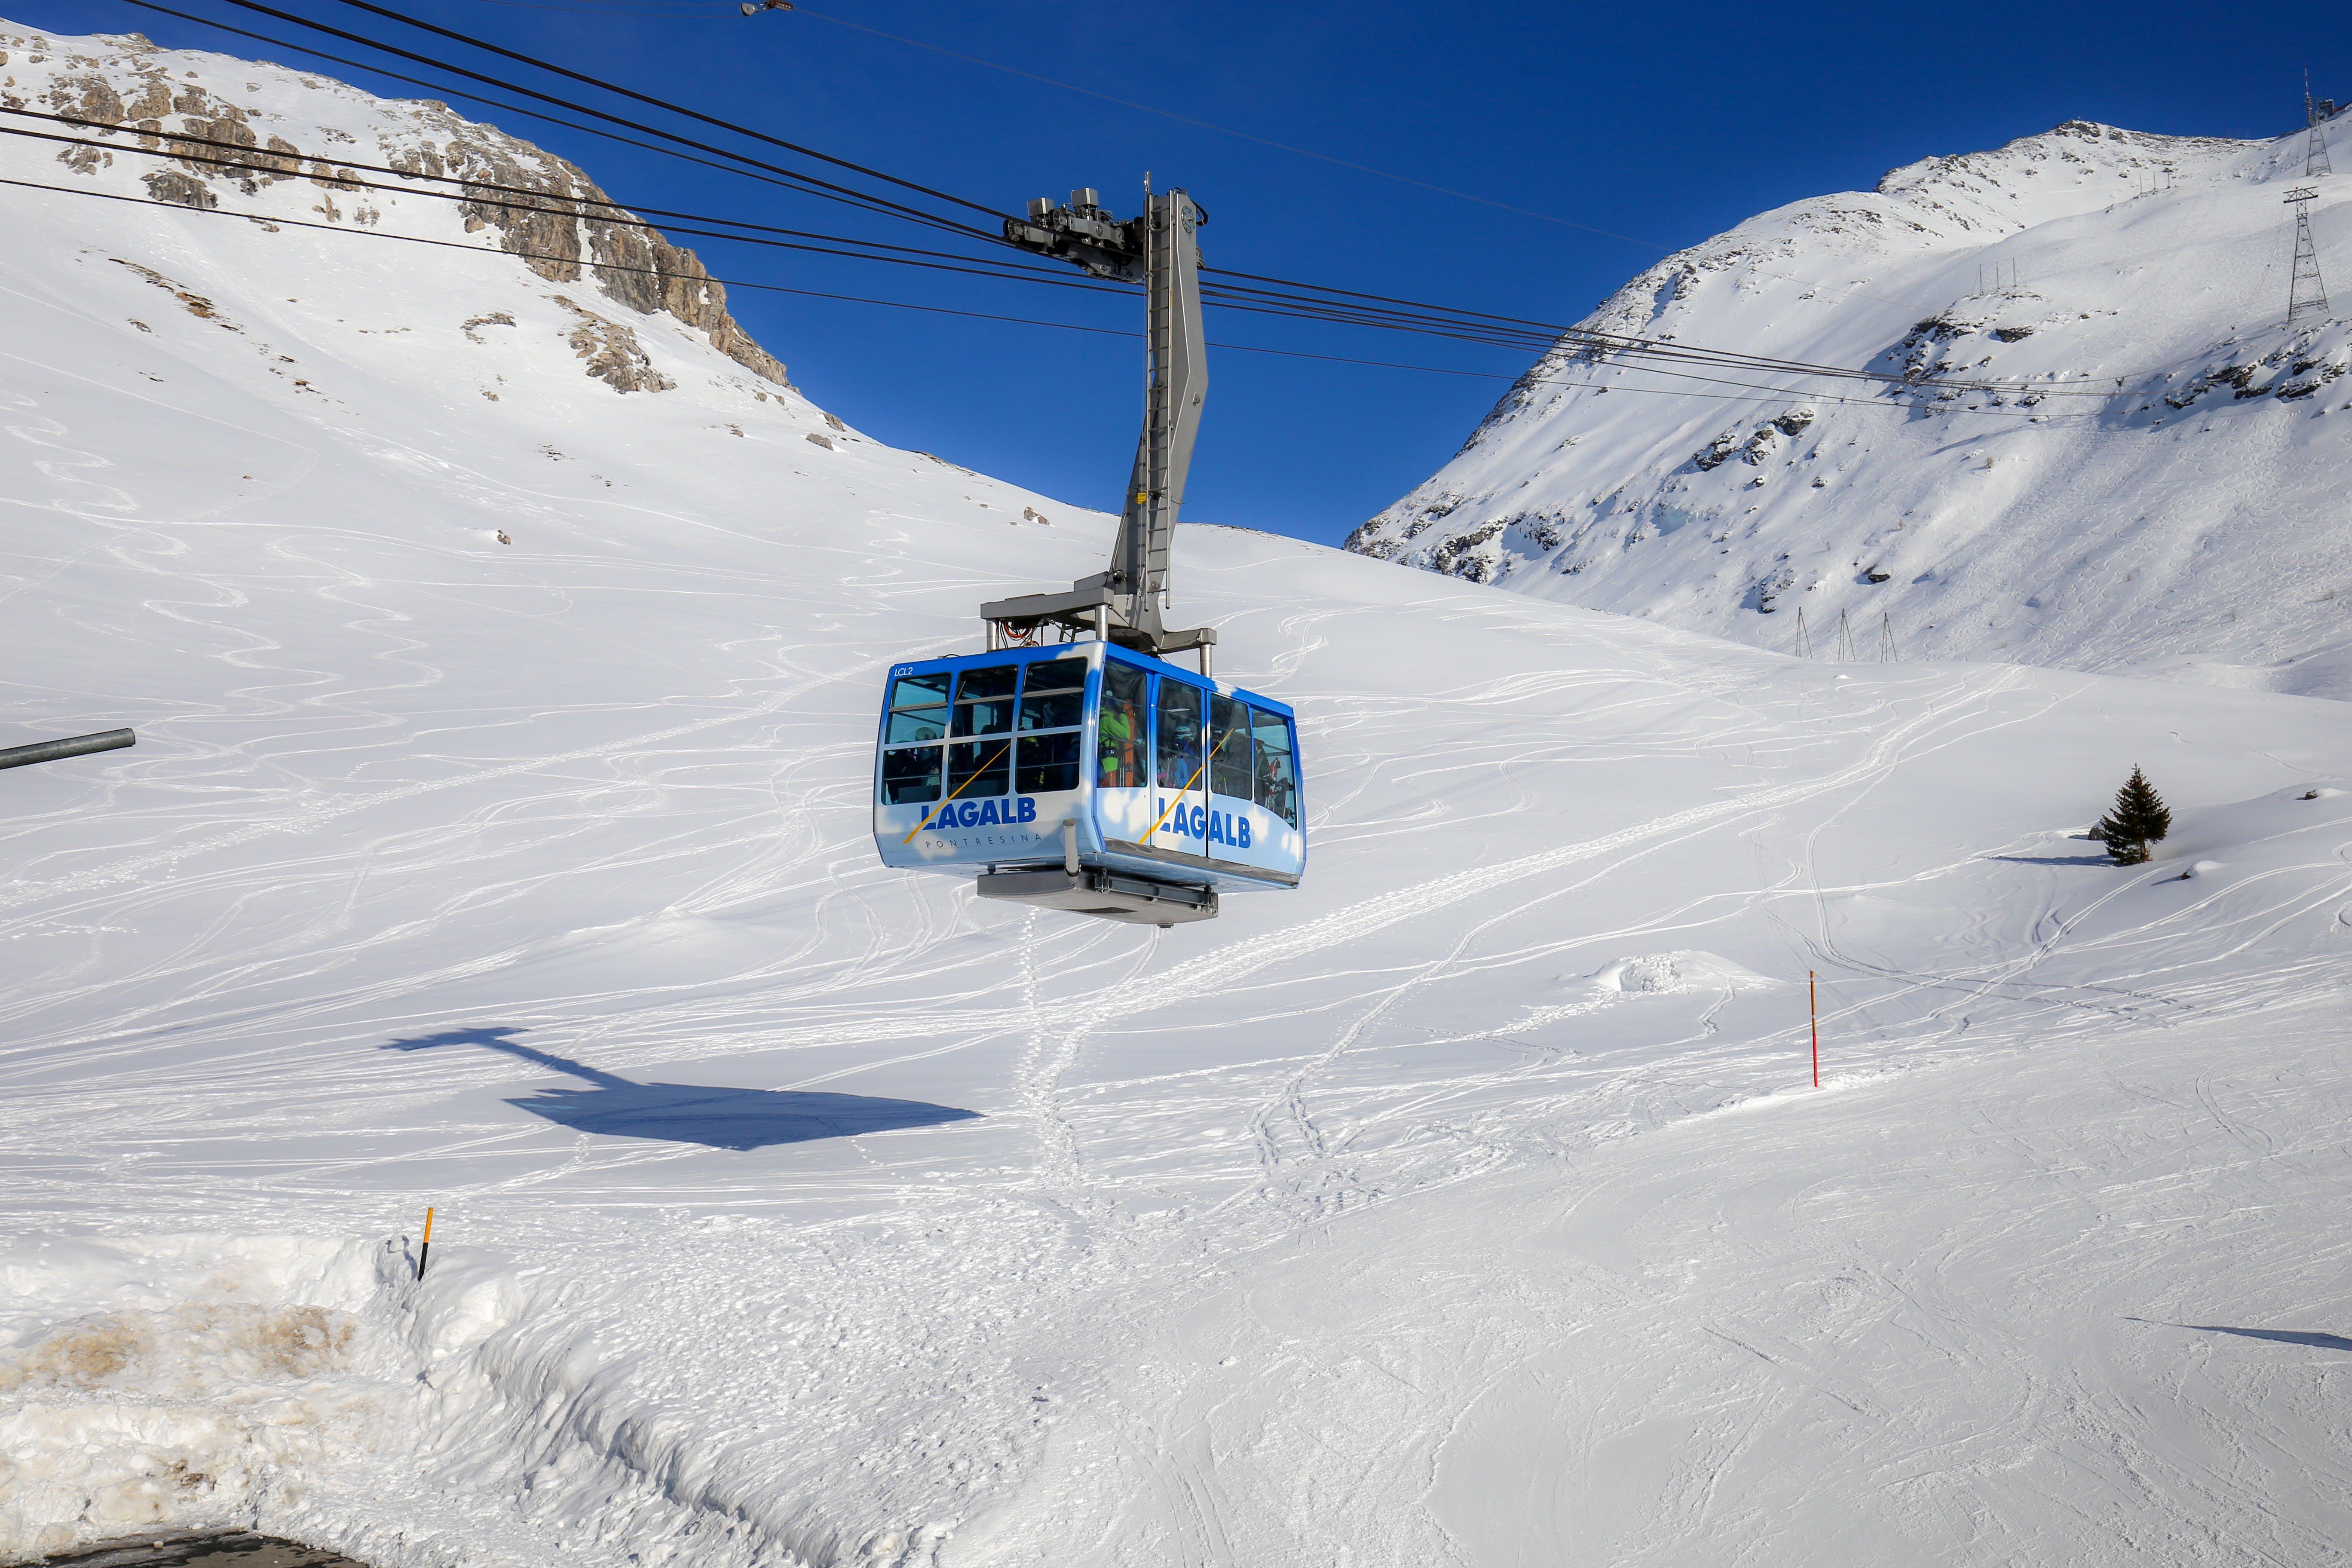 White Ski Lift